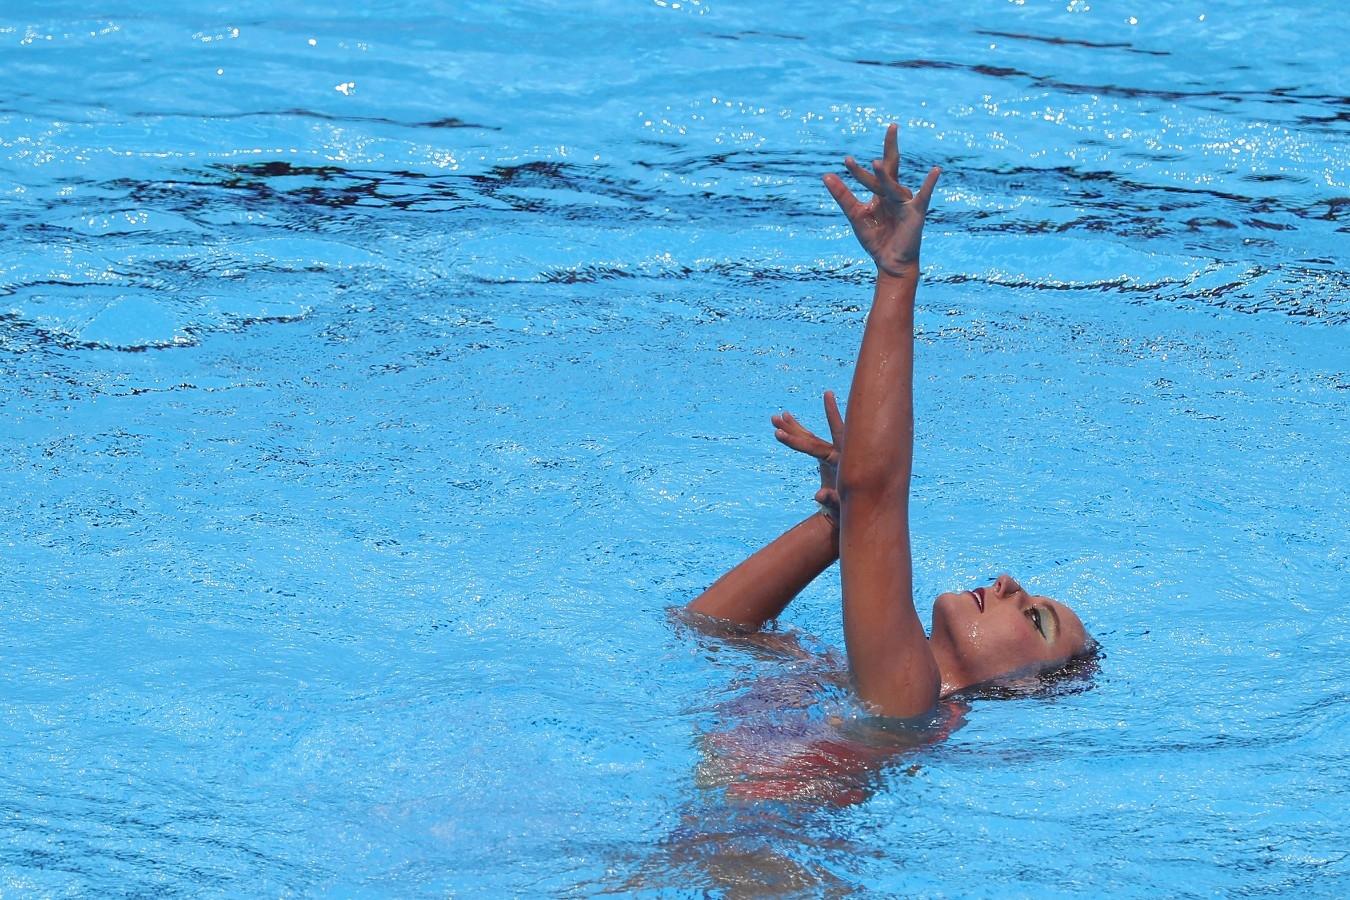 Giovana Stephan. Campeonato Mundial de Desportos Aquaticos. City Park - Varosliget Lake . 14 de Julho de 2017, Hungria, Budapeste. Foto: Satiro Sodré/SSPress/CBDA